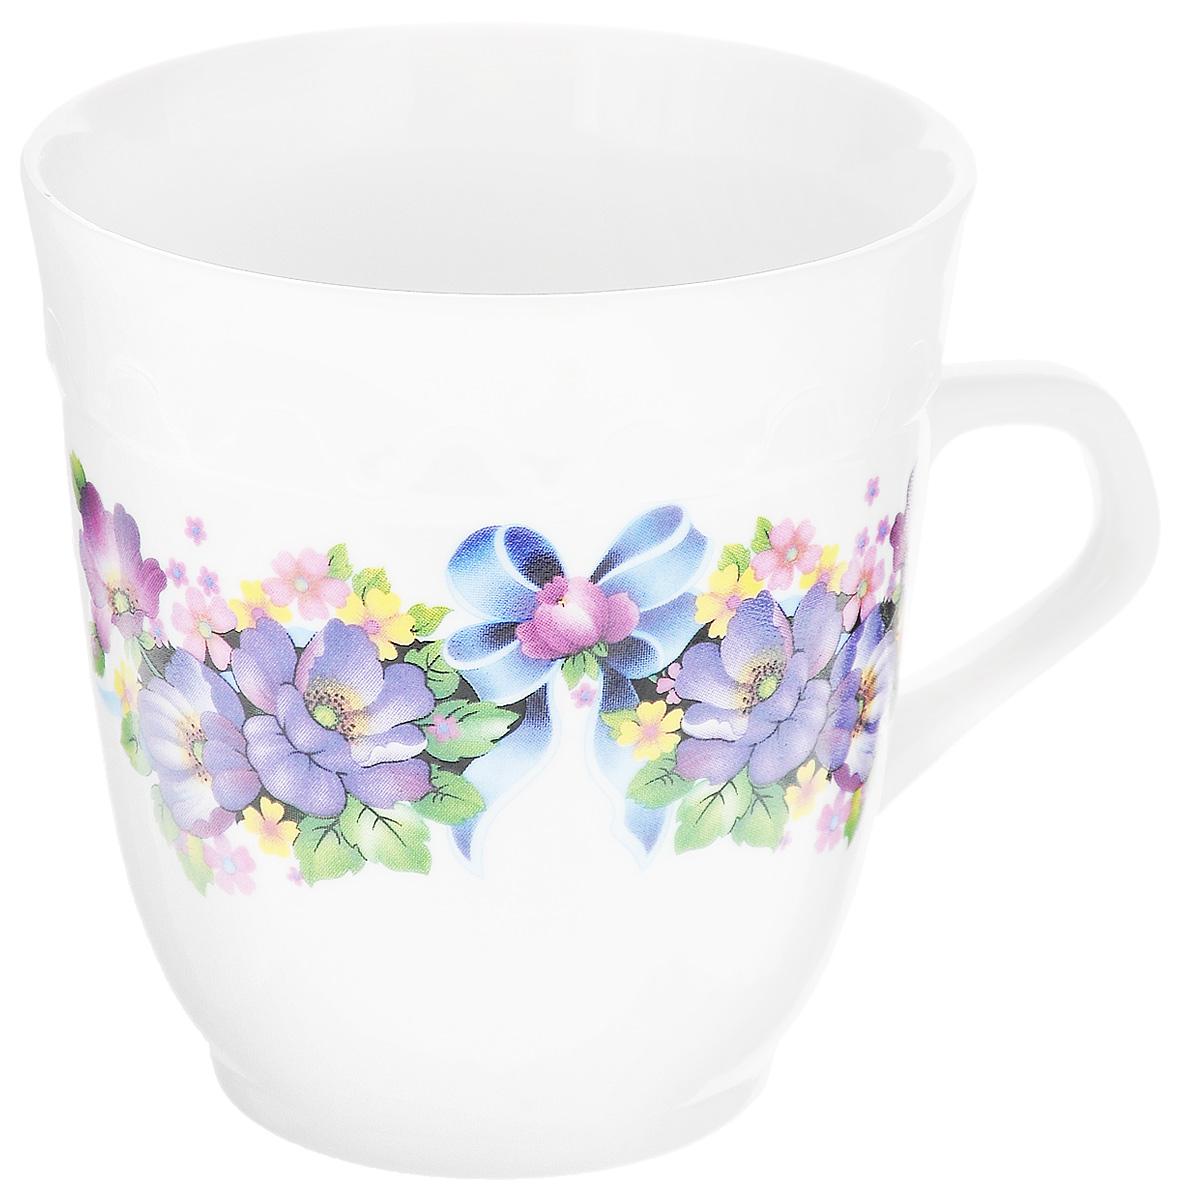 """Кружка Фарфор Вербилок """"Арабеска. Фиалка"""" способна  скрасить любое чаепитие. Изделие выполнено из  высококачественного фарфора. Посуда из такого  материала позволяет сохранить истинный вкус напитка, а  также помогает ему дольше оставаться теплым. Диаметр по верхнему краю: 8,3 см. Высота кружки: 9 см."""